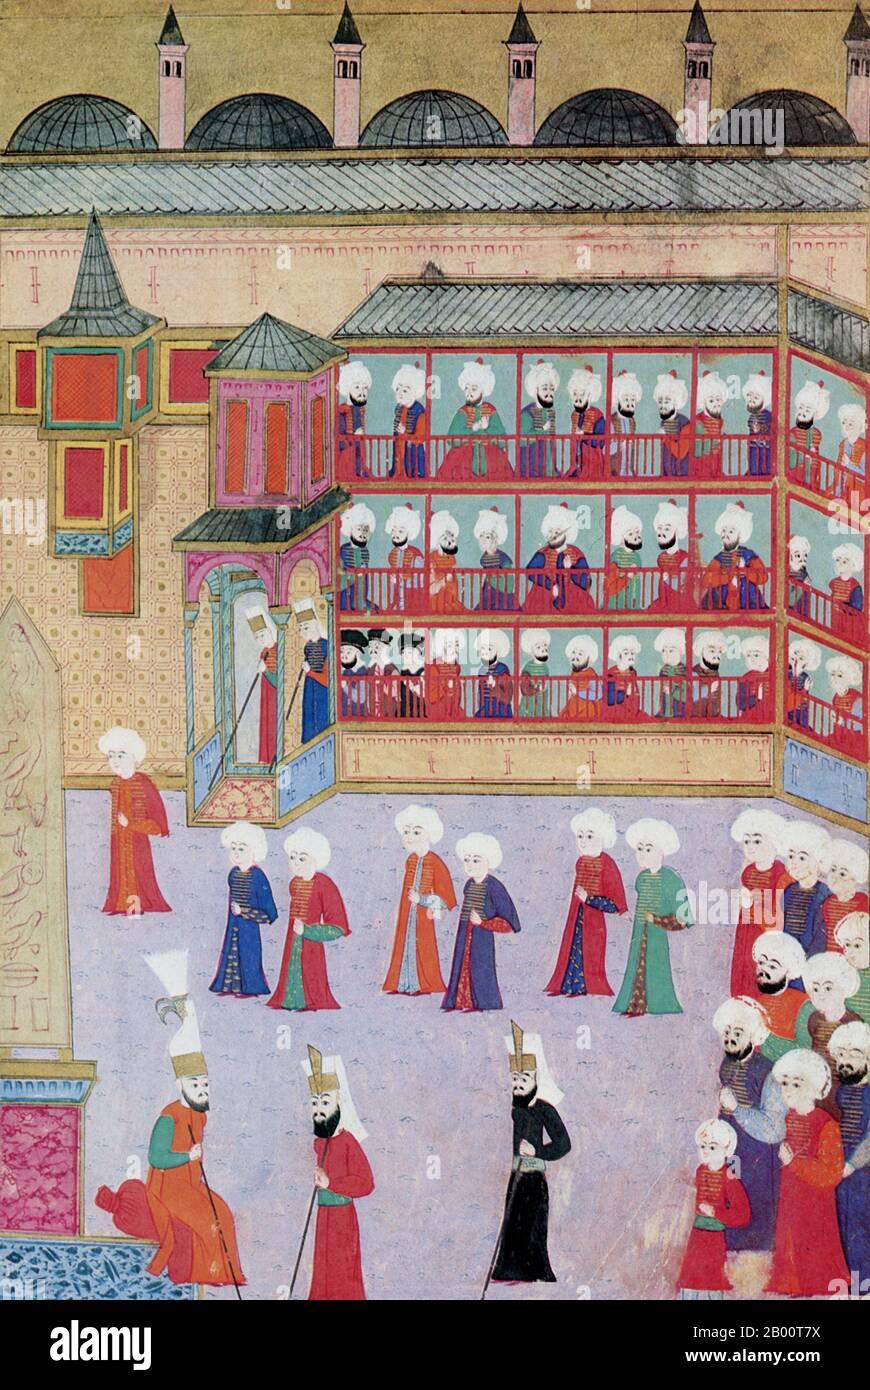 Turquía: Pintura para celebrar la circuncisión del hijo del sultán otomano Murat III Shezade Mehmet en 1582. Sultán del Imperio Otomano, Murad III (4 de julio de 1546 – 15/16 de enero de 1595) fue el hijo mayor del Sultán Selim II (1566–74), y sucedió a su padre en 1574. Murad comenzó su reinado con sus cinco hermanos más jóvenes estrangulados. Su autoridad fue socavada por las influencias harem, más específicamente, las de su madre y más tarde de su esposa favorita Safiye Sultan. El reinado de Murad III estuvo marcado por guerras con Safavids y Habsburgo y decadencia económica otomana y deterioro institucional. Foto de stock